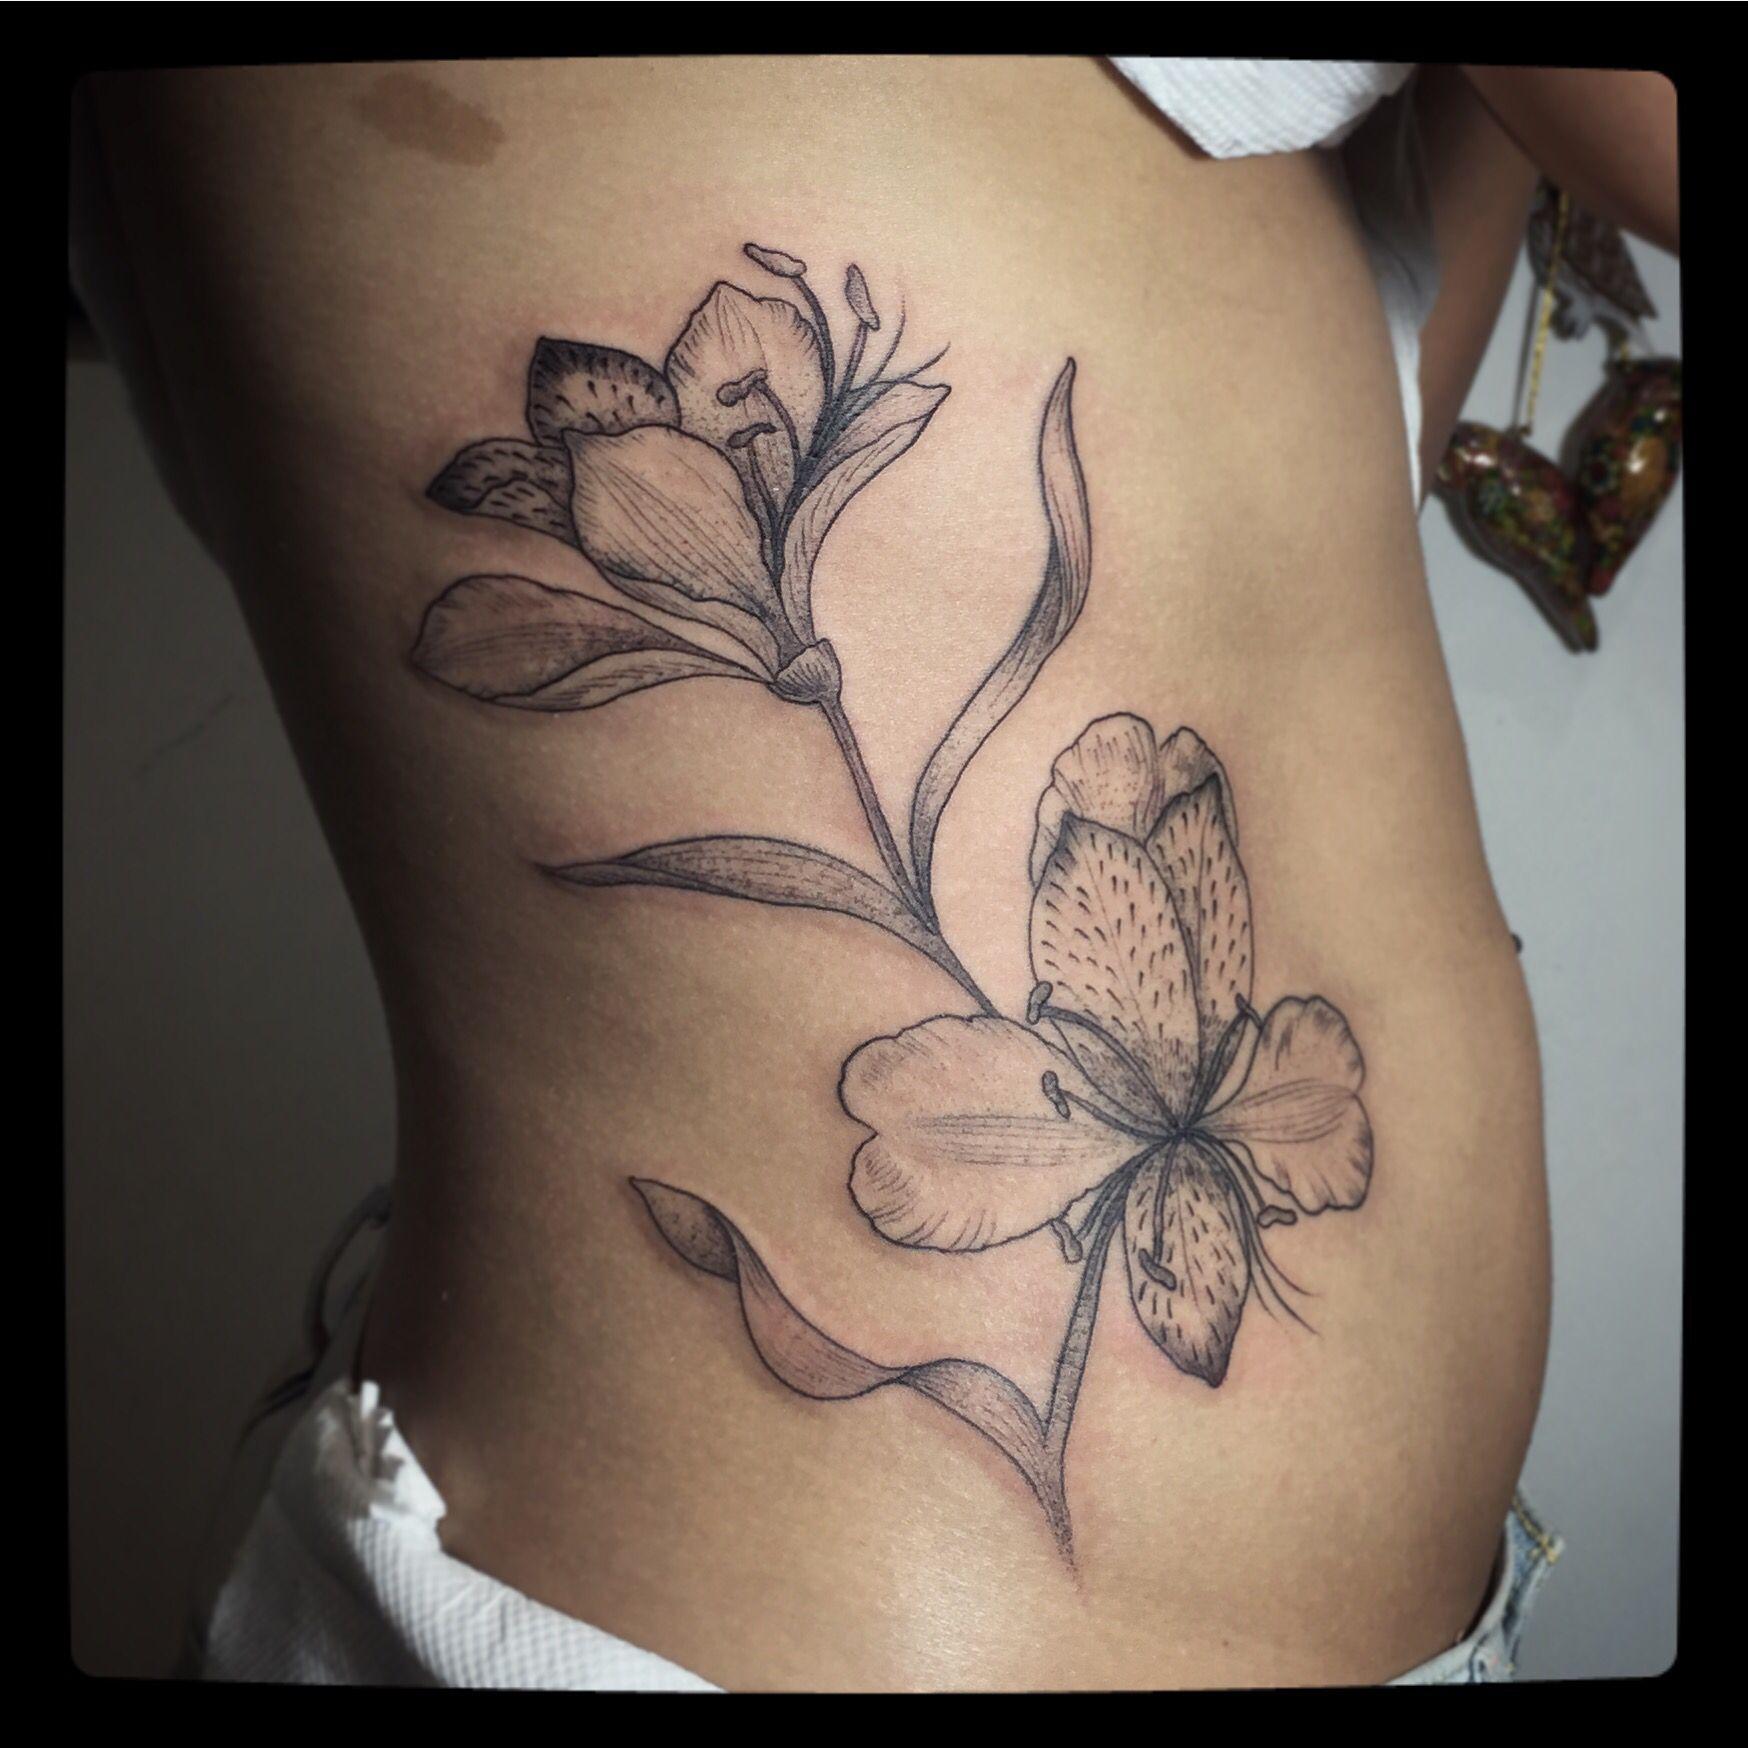 Alstroemeria Tattoo In A Botanicalillustration Style Tattoos Pink Tattoo Lily Tattoo